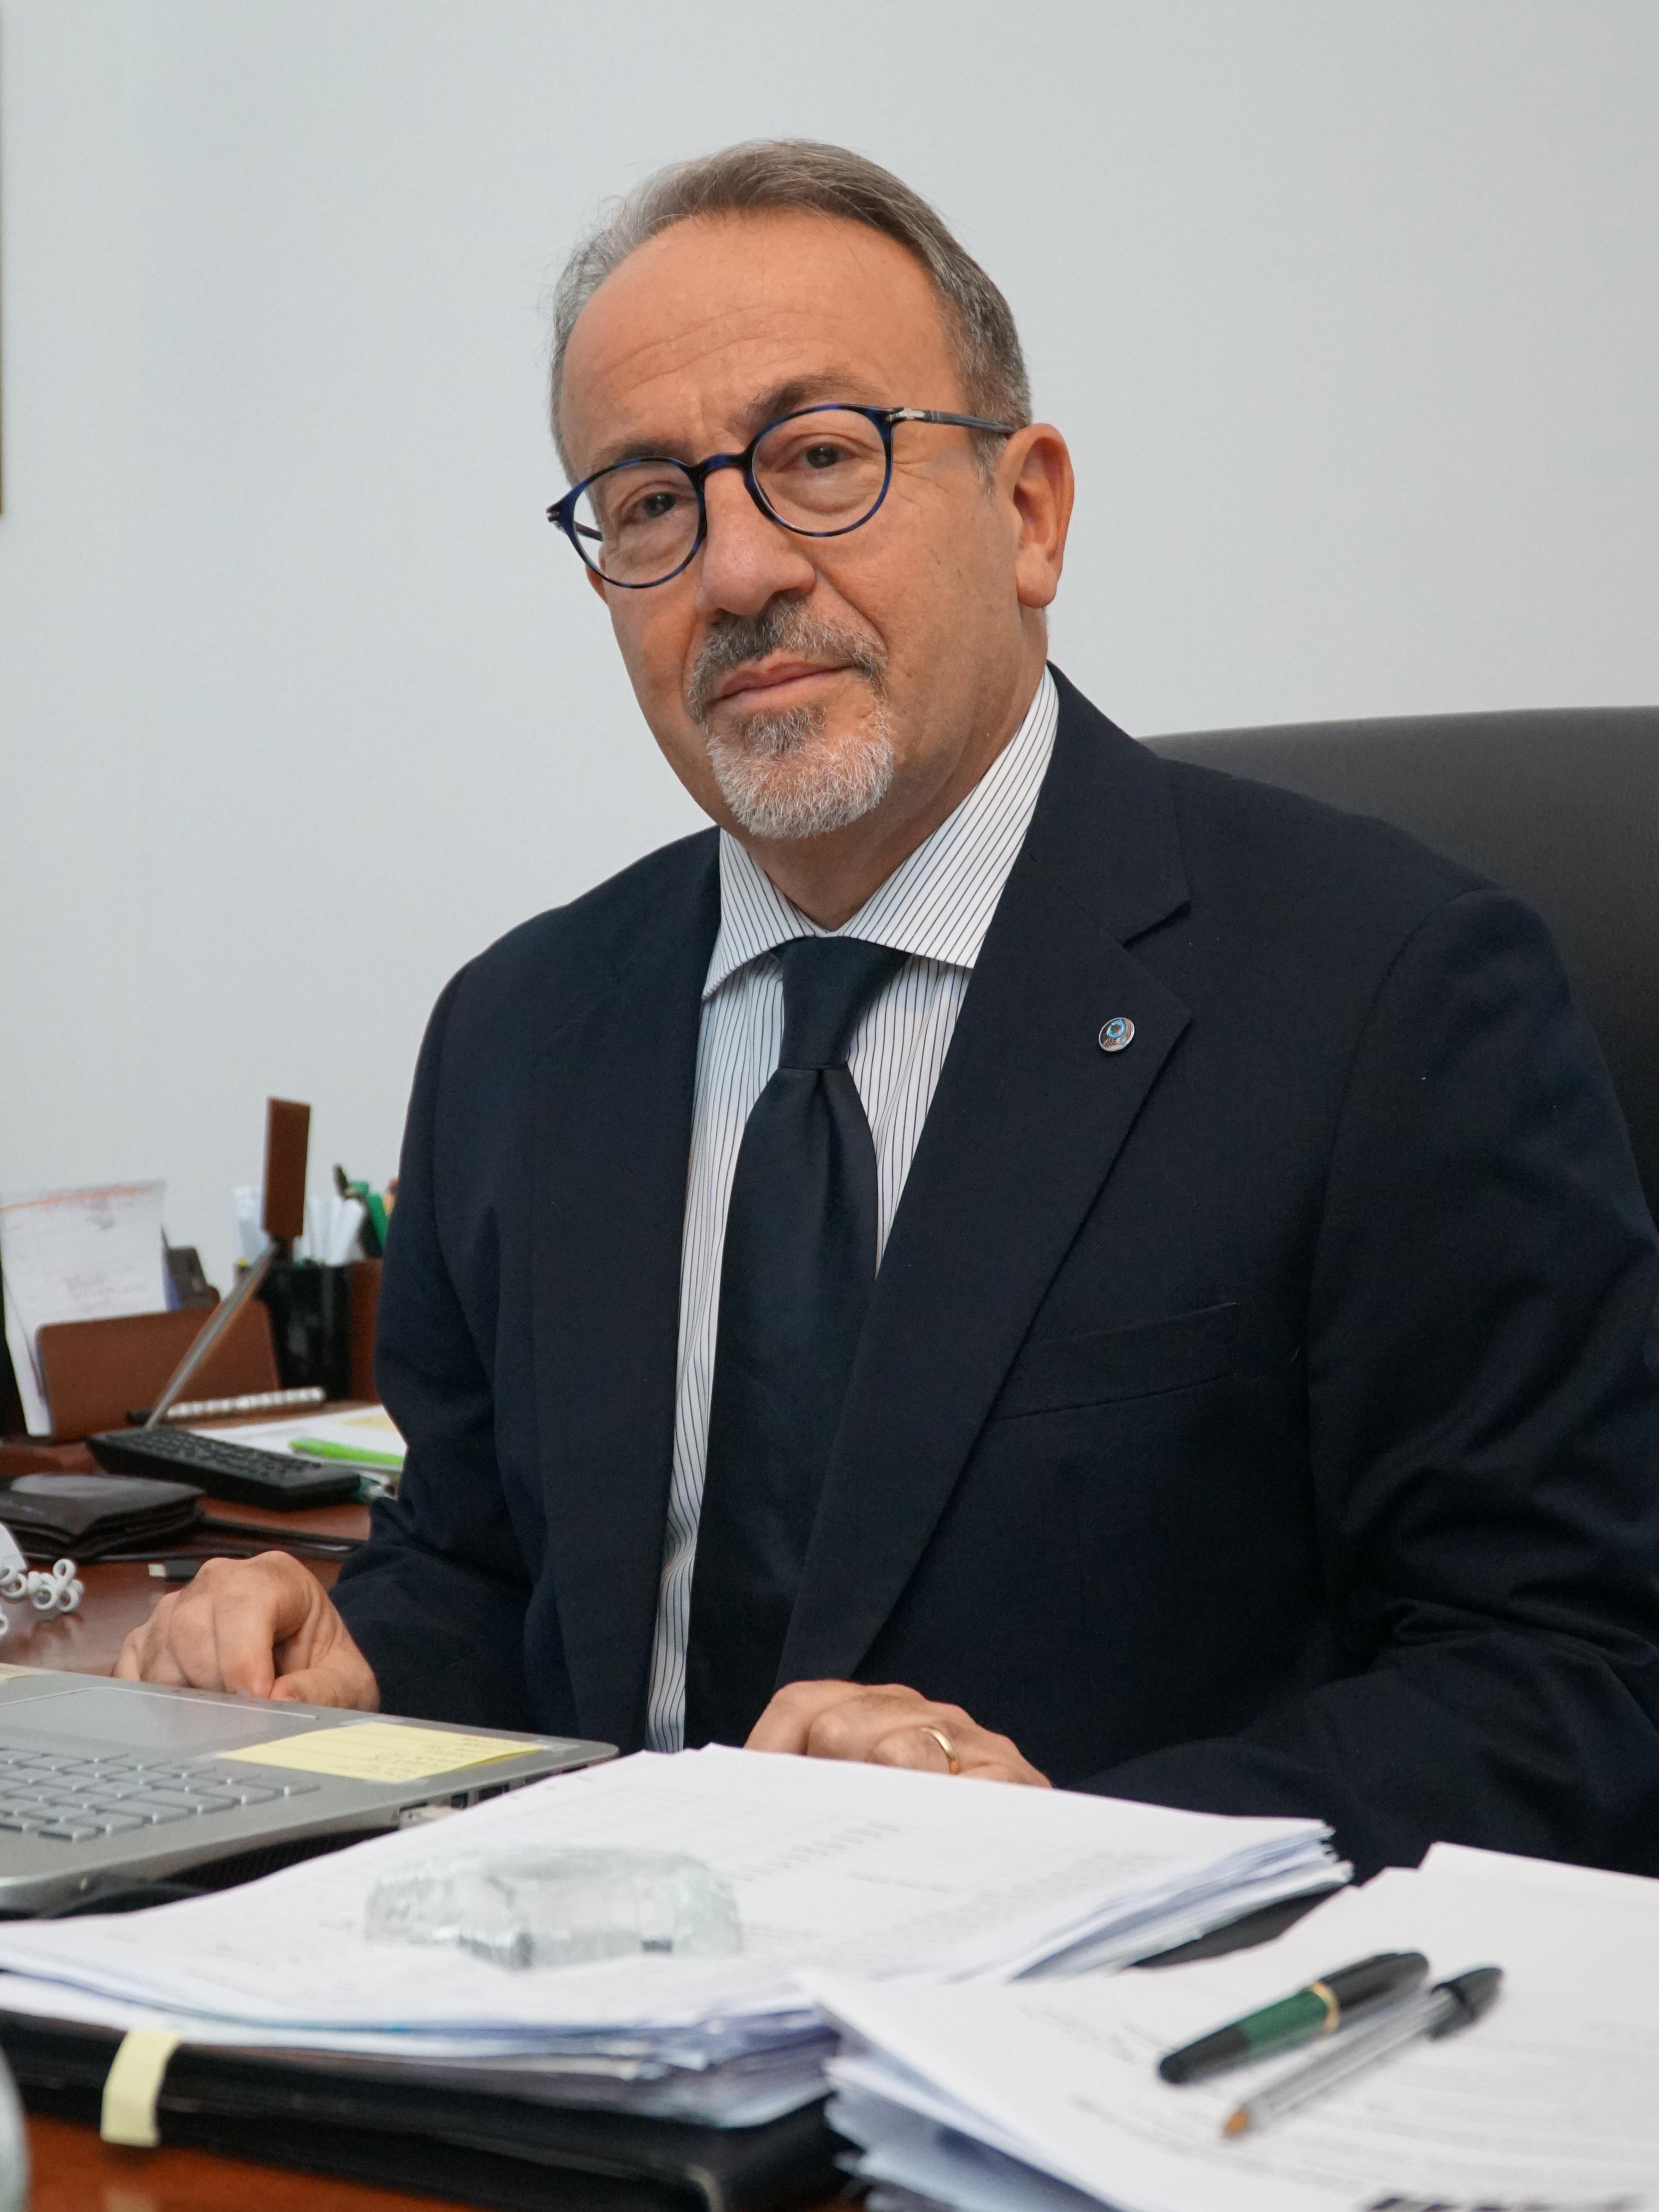 Stefano Maglia - TuttoAmbiente